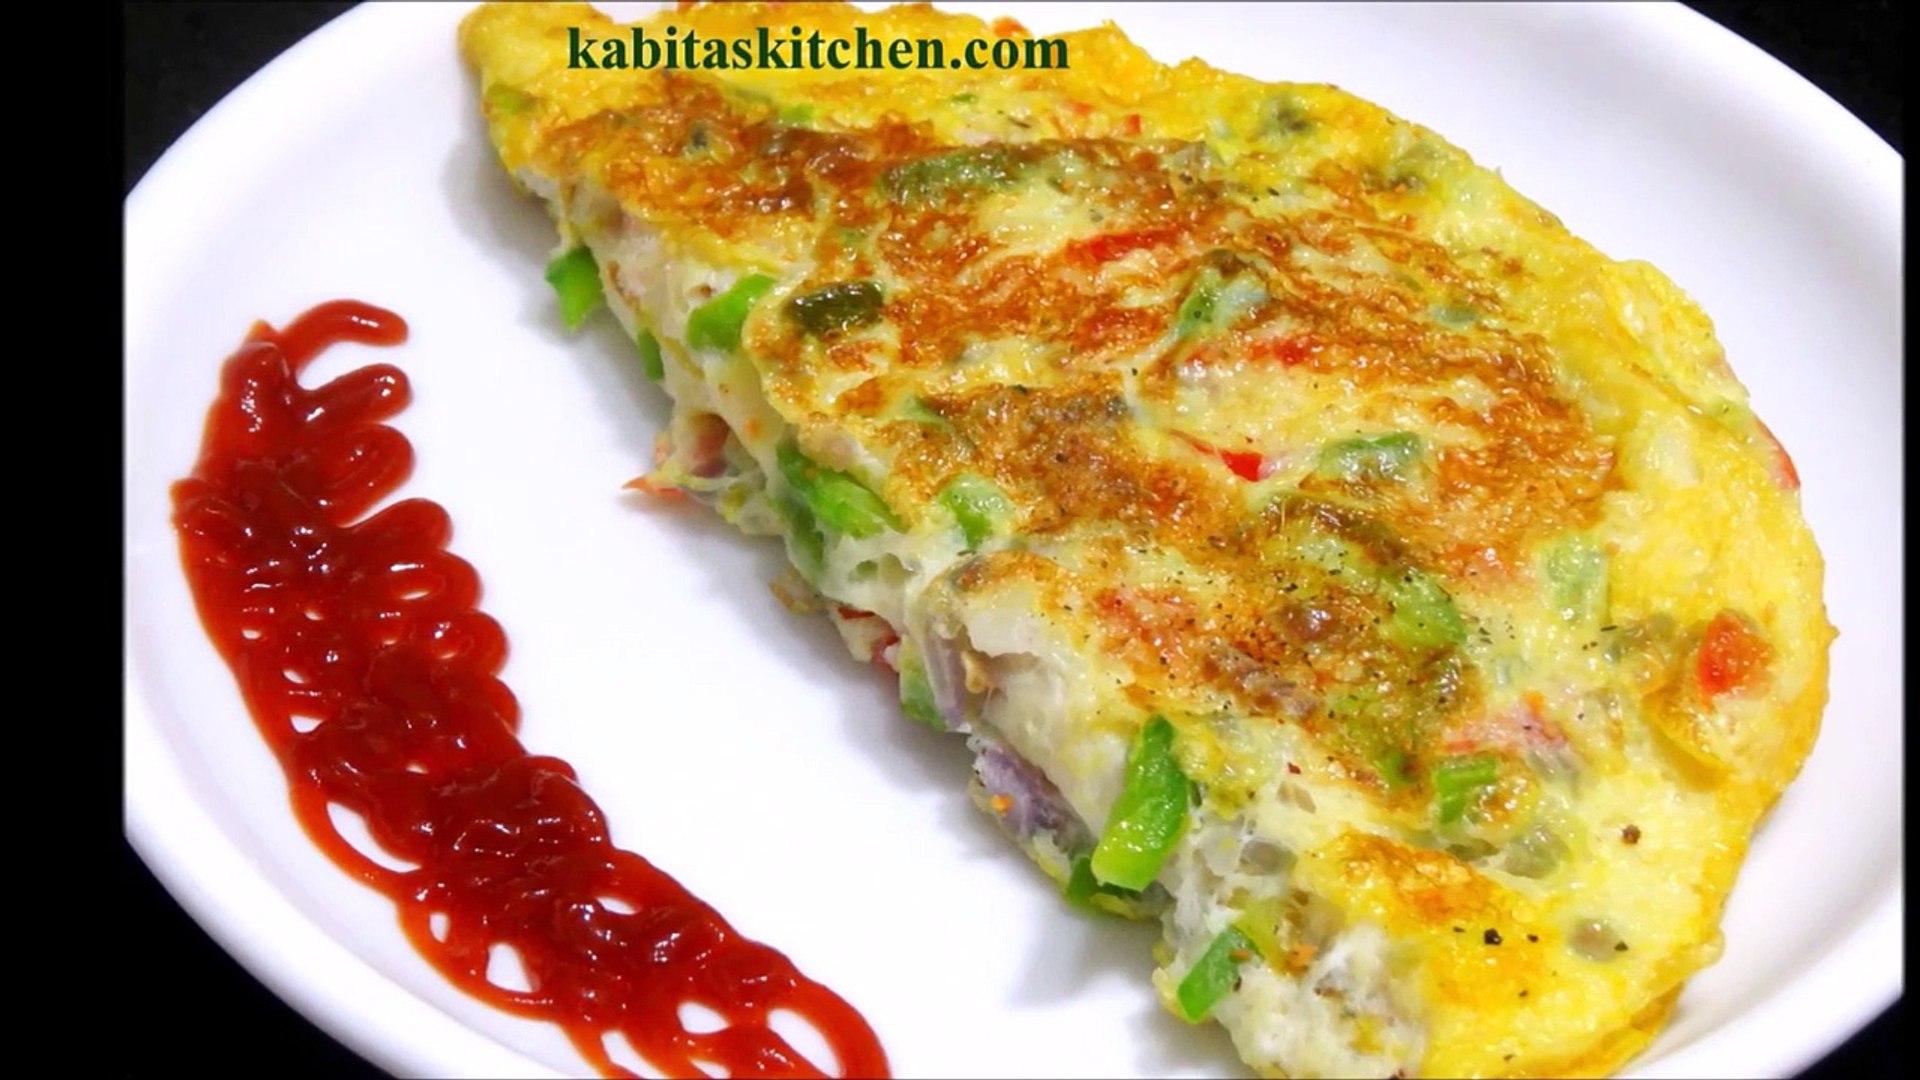 Vegetable Cheese Omelet Recipe Vegetable Omelet Recipe - Easy Breakfast Recipe